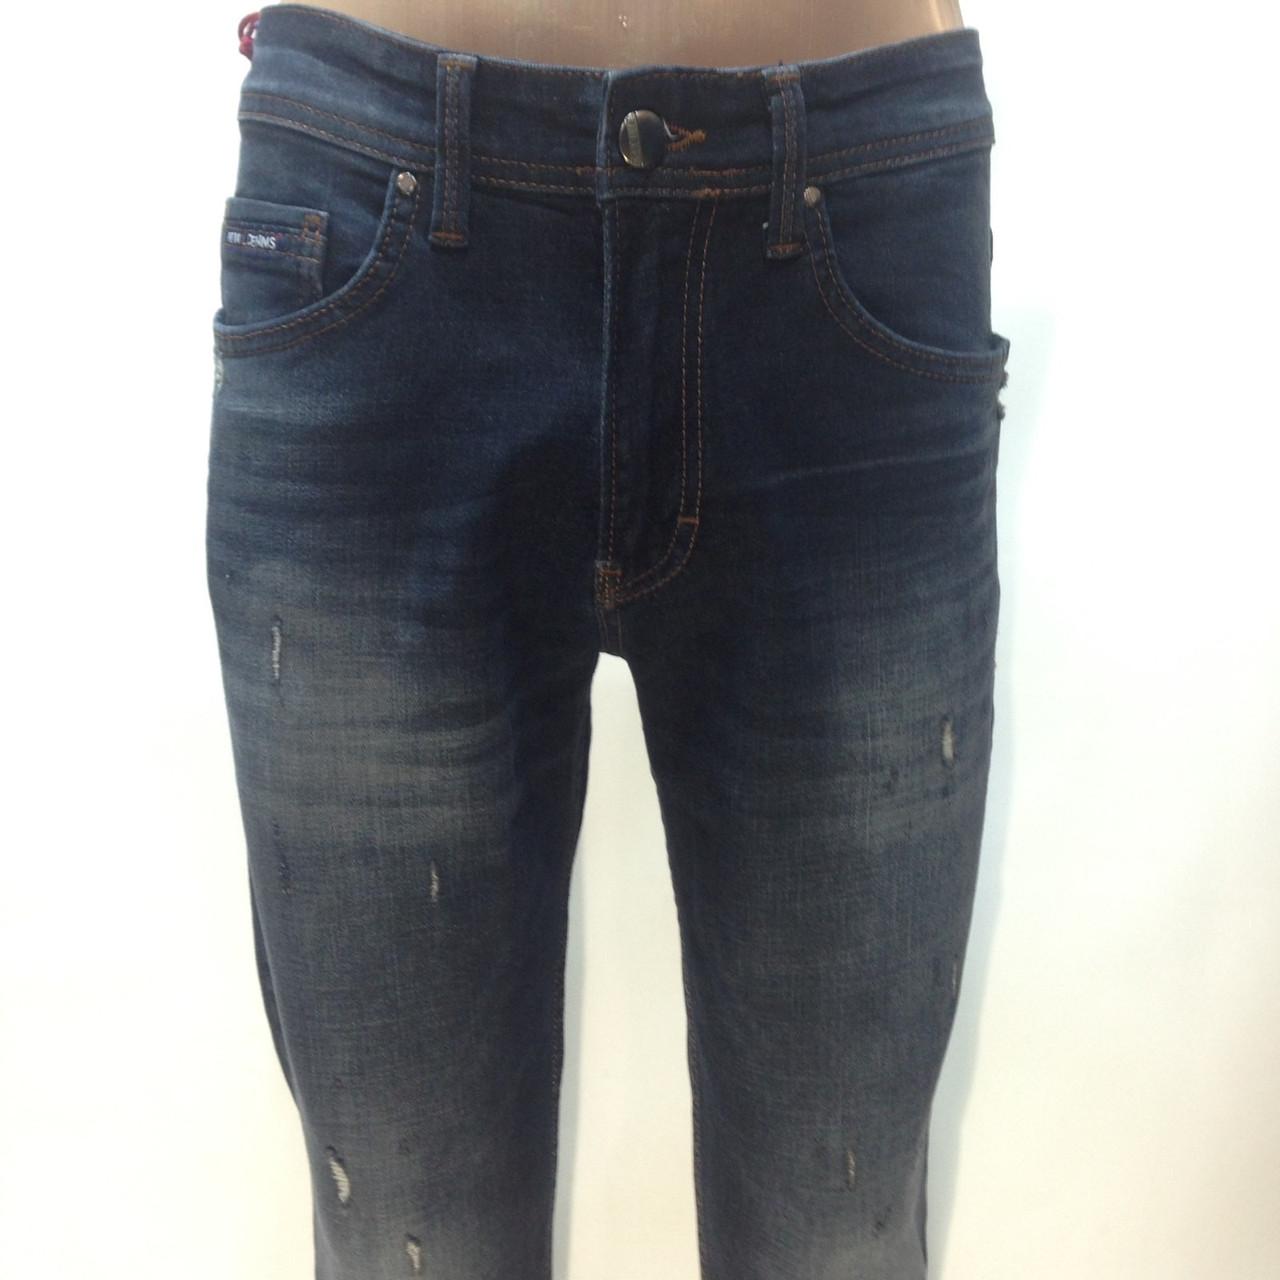 Мужские весенние стильные молодежные джинсы Турция р. 31,32,33,34